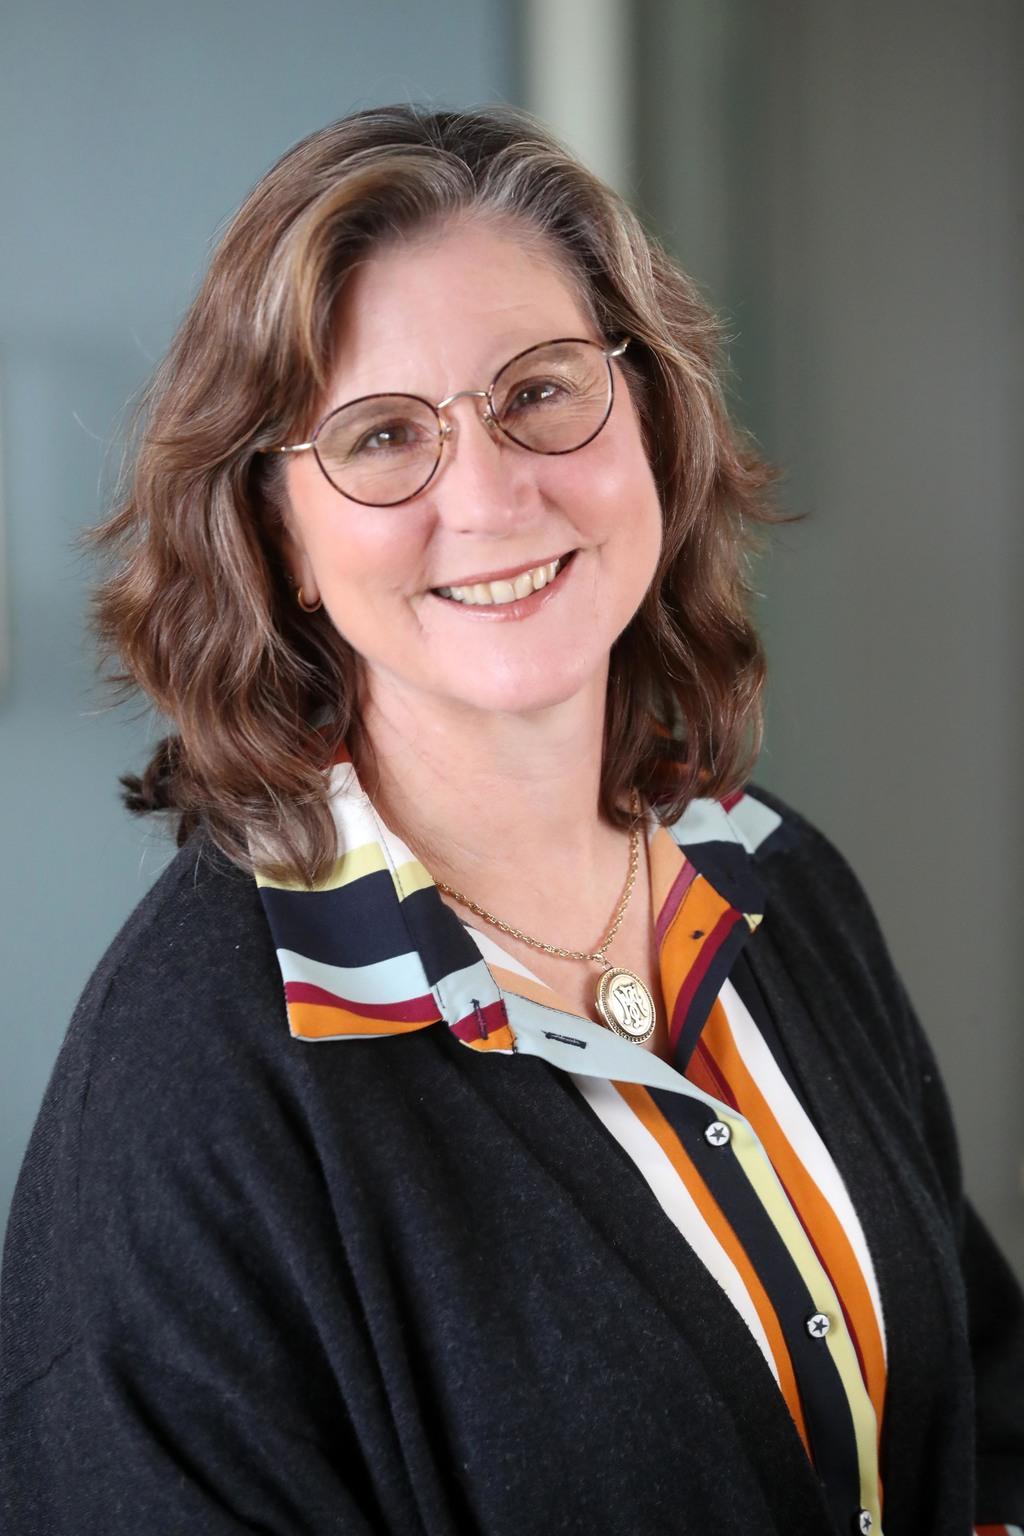 Fiona Cessford